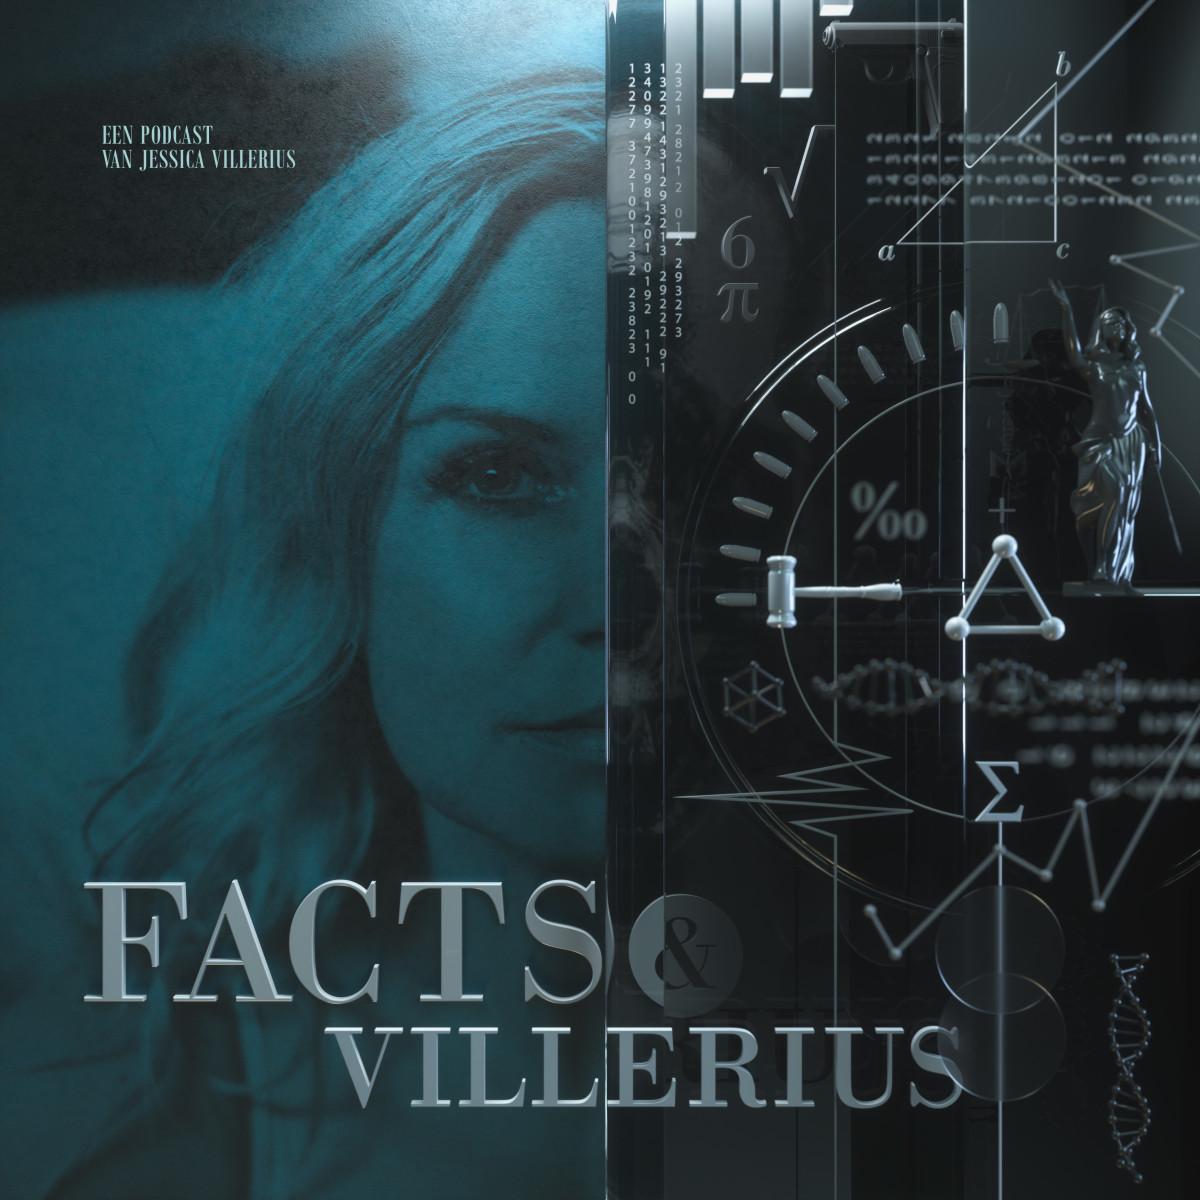 Podcast - Facts & Villerius Aflevering 2: Makerspraat, Deal met de Dood